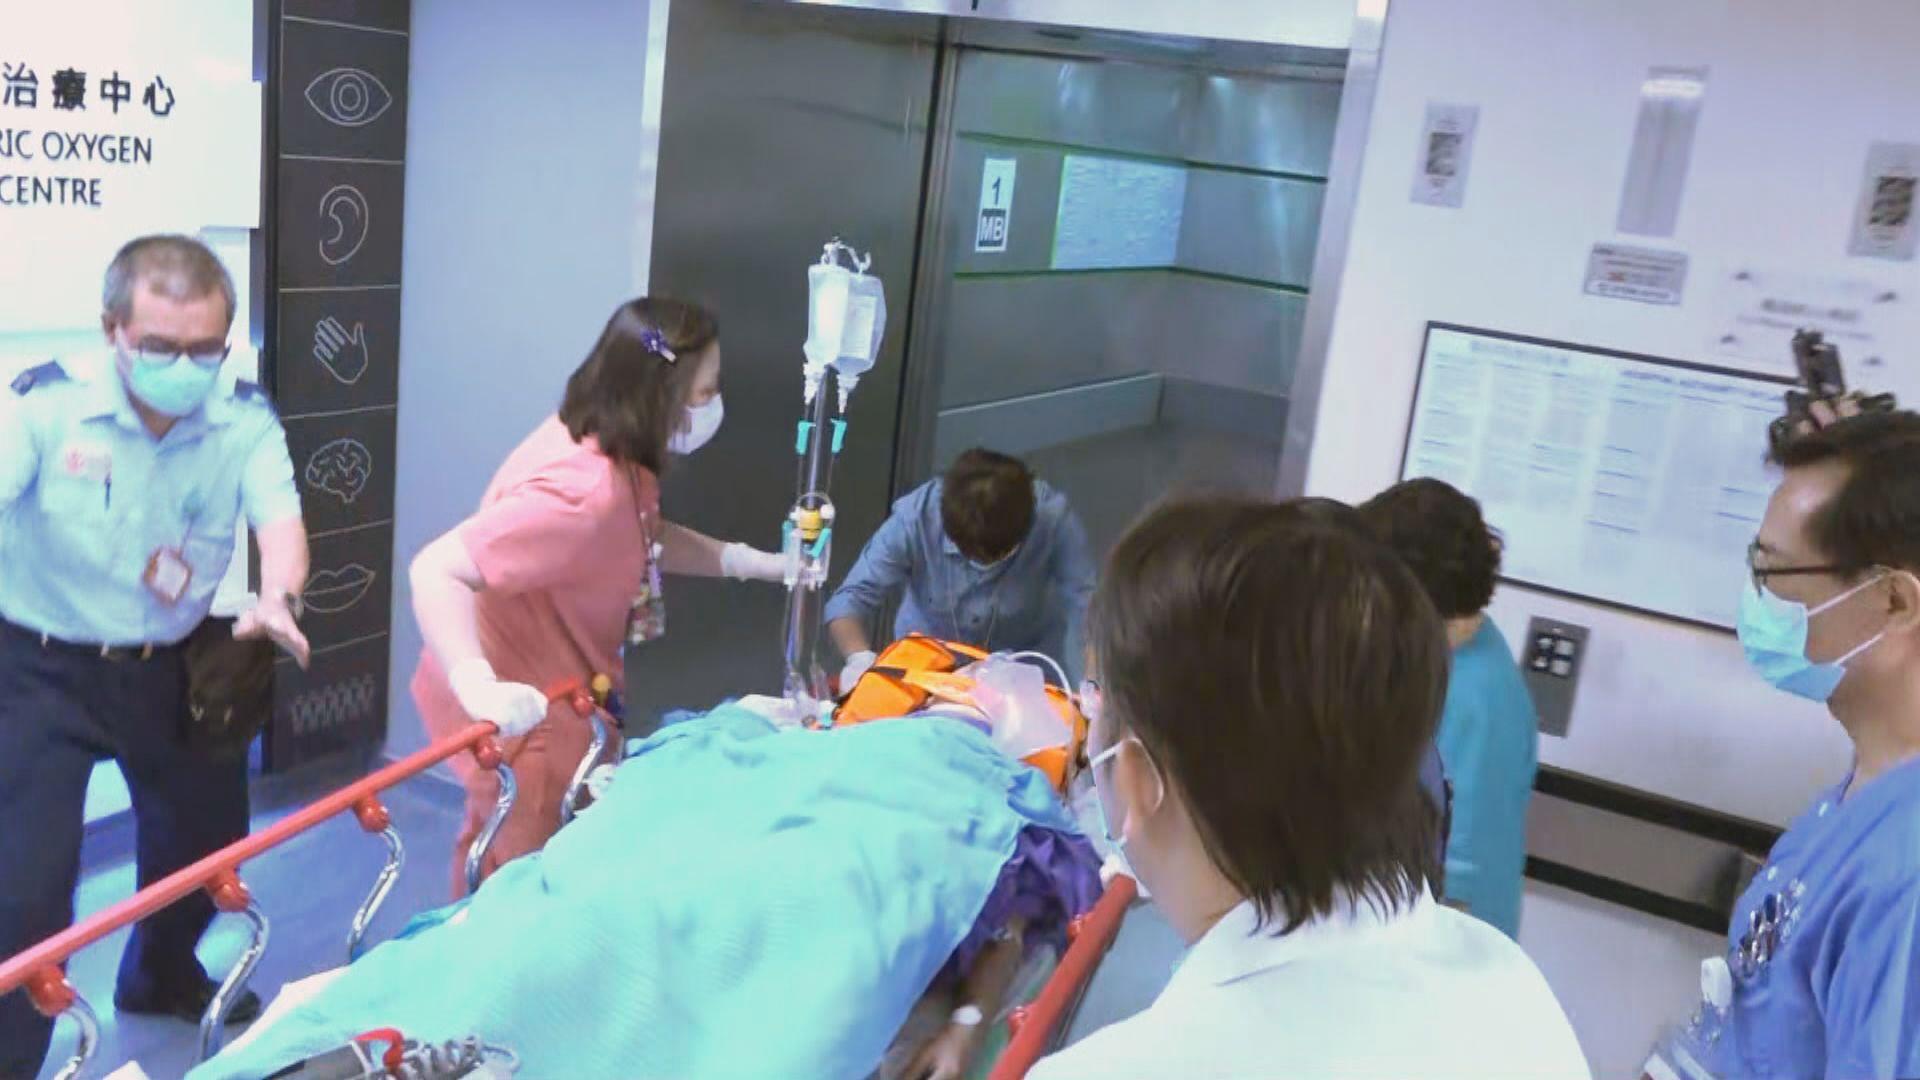 中槍傷者據報要切除右腎及部分肝臟